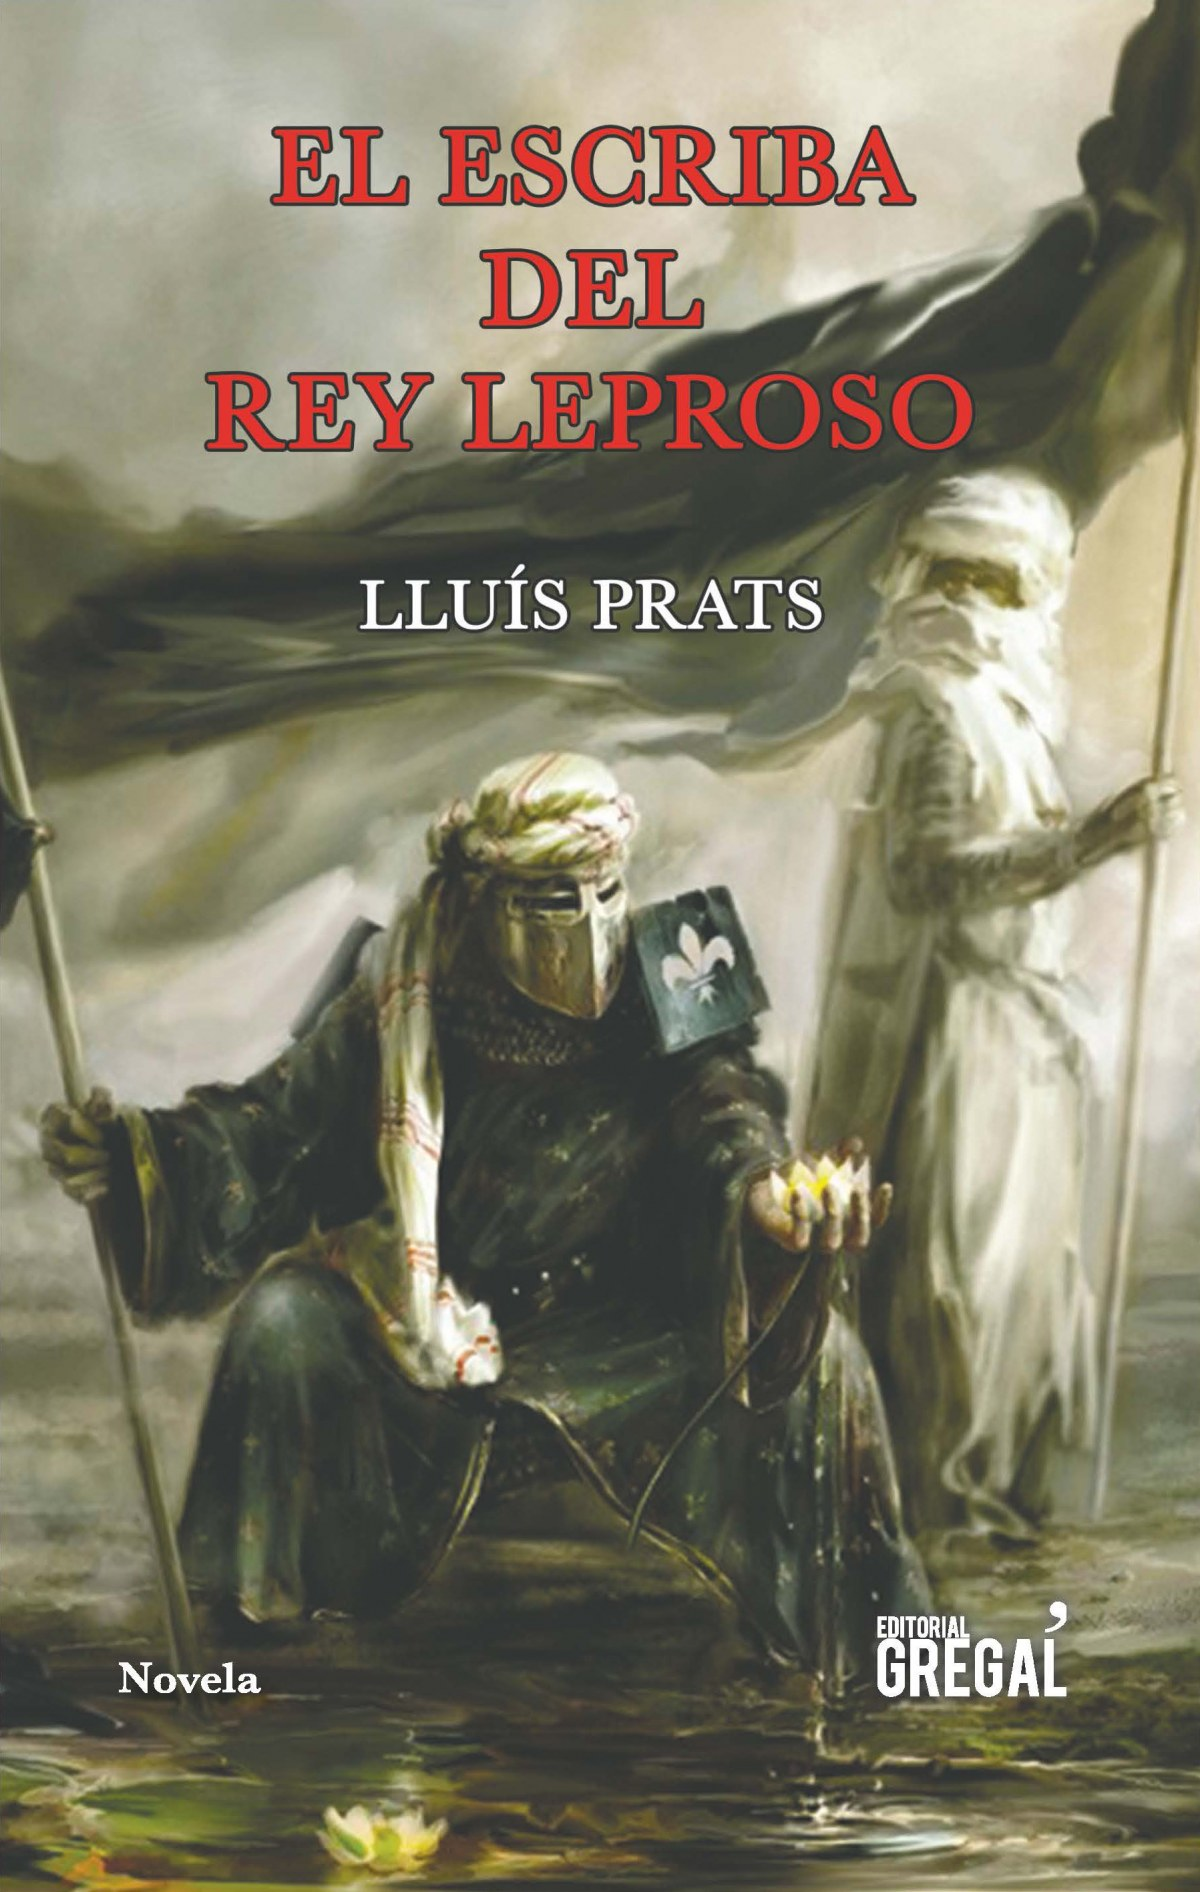 EL ESCRIBA DEL REY LEPROSO